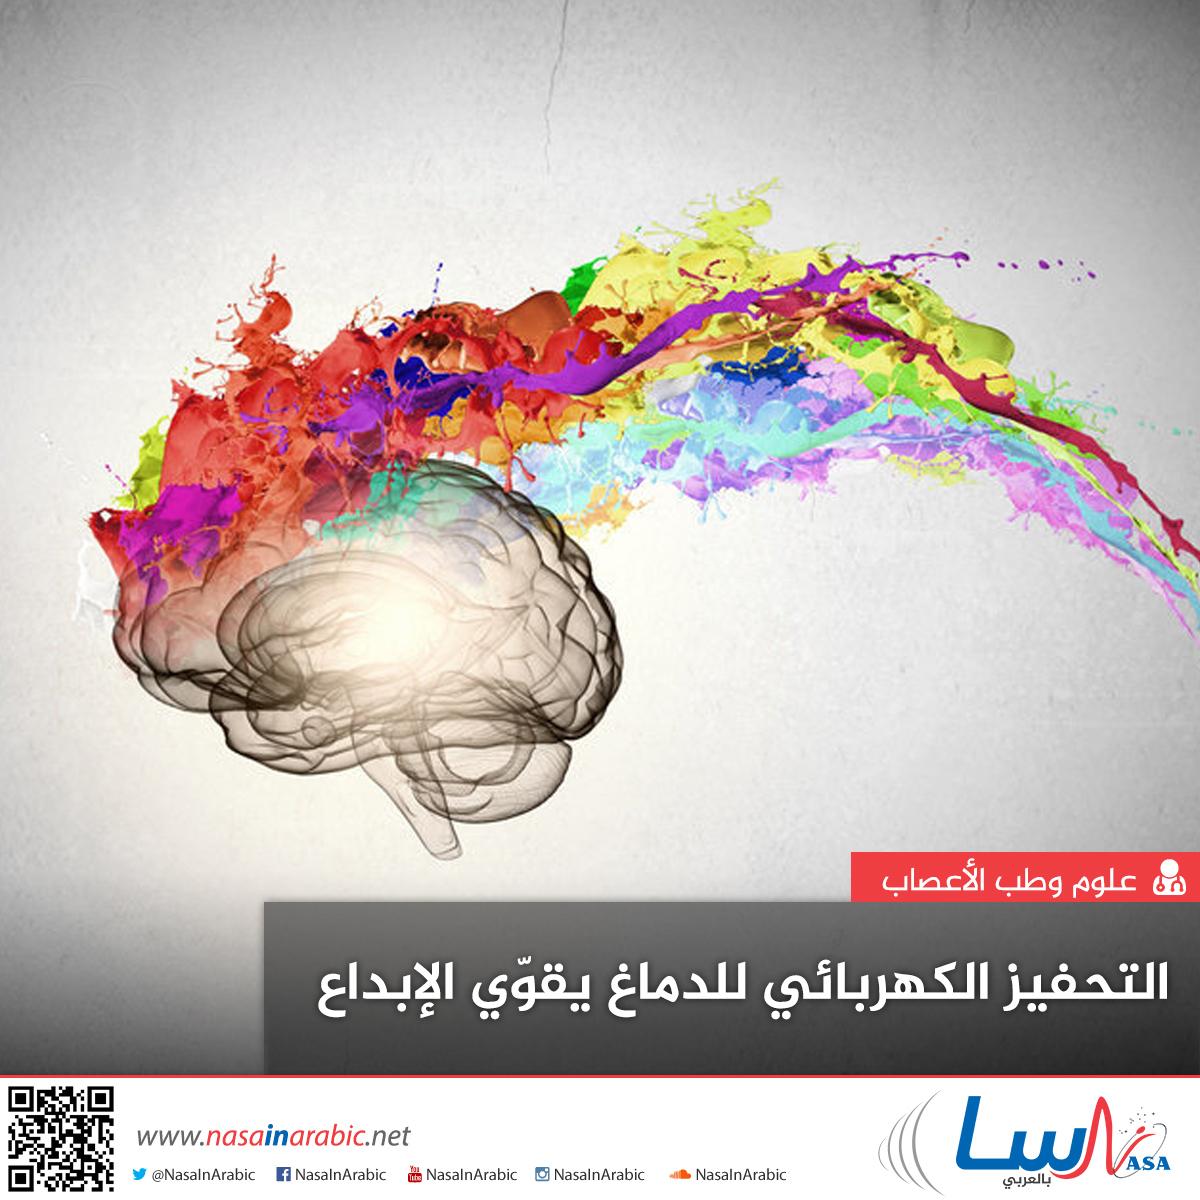 التحفيز الكهربائي للدماغ يقوّي الإبداع